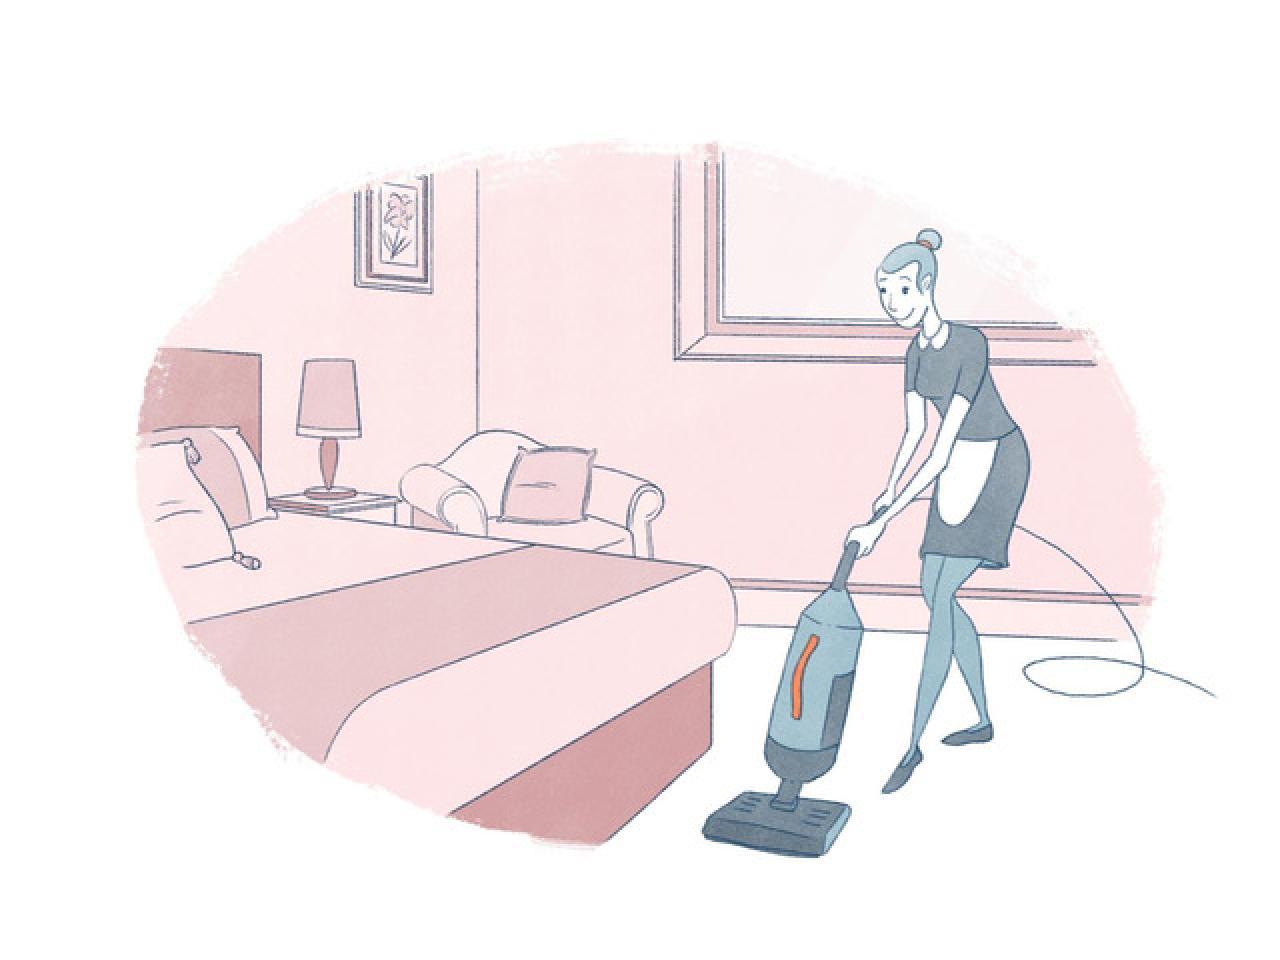 Требуются работники для уборки комнат в гостинице - 1